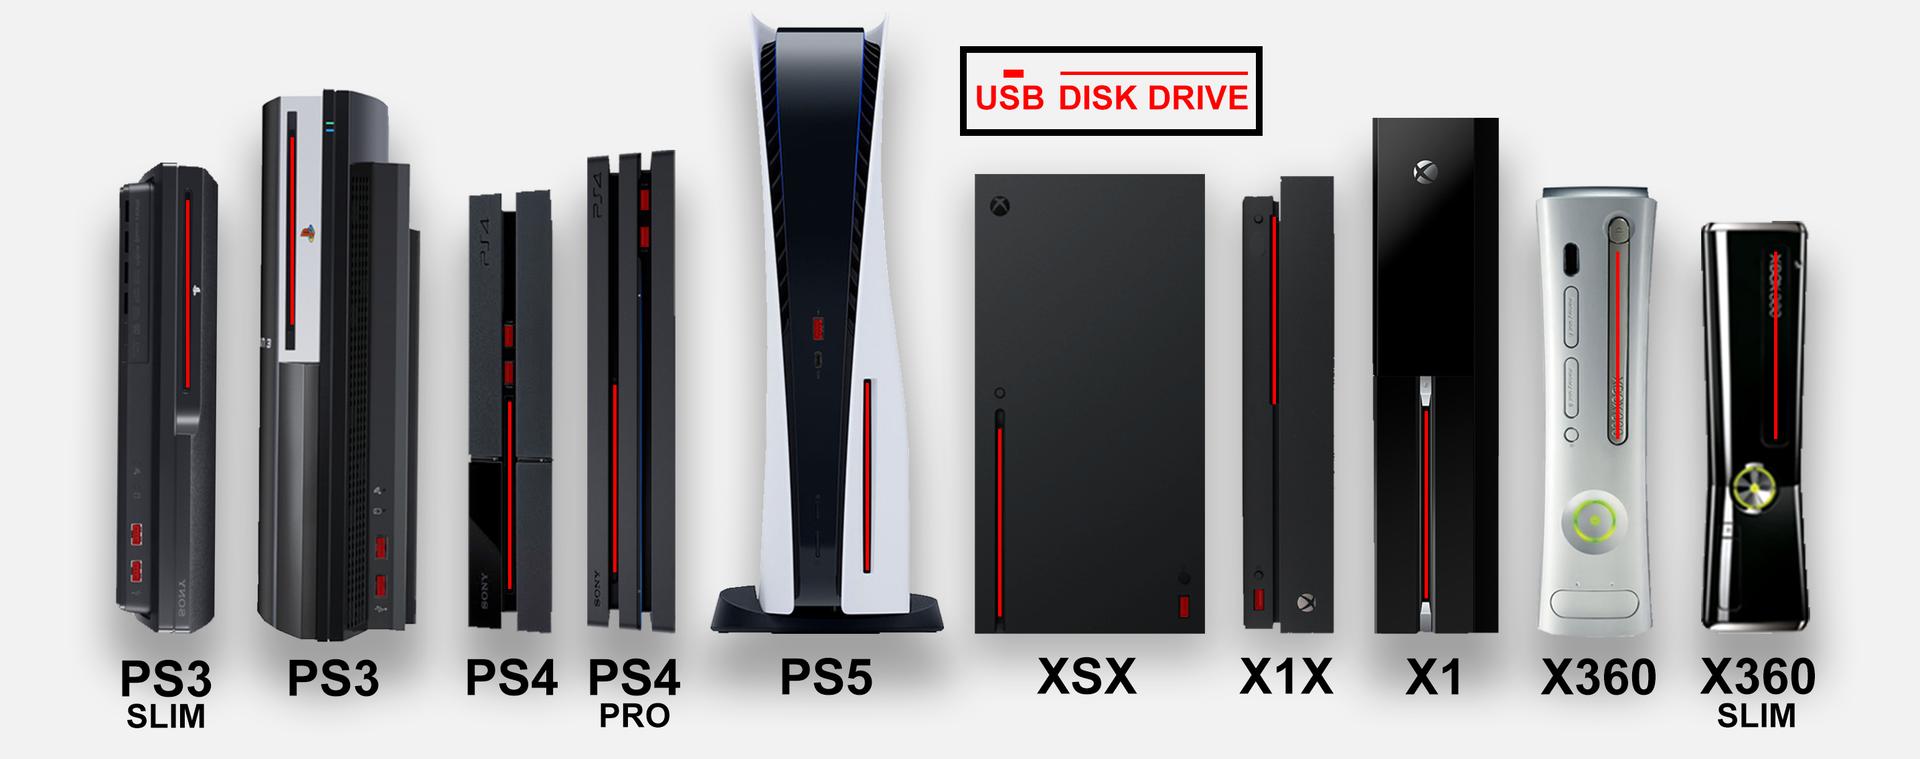 ps5 to xbox size comparison